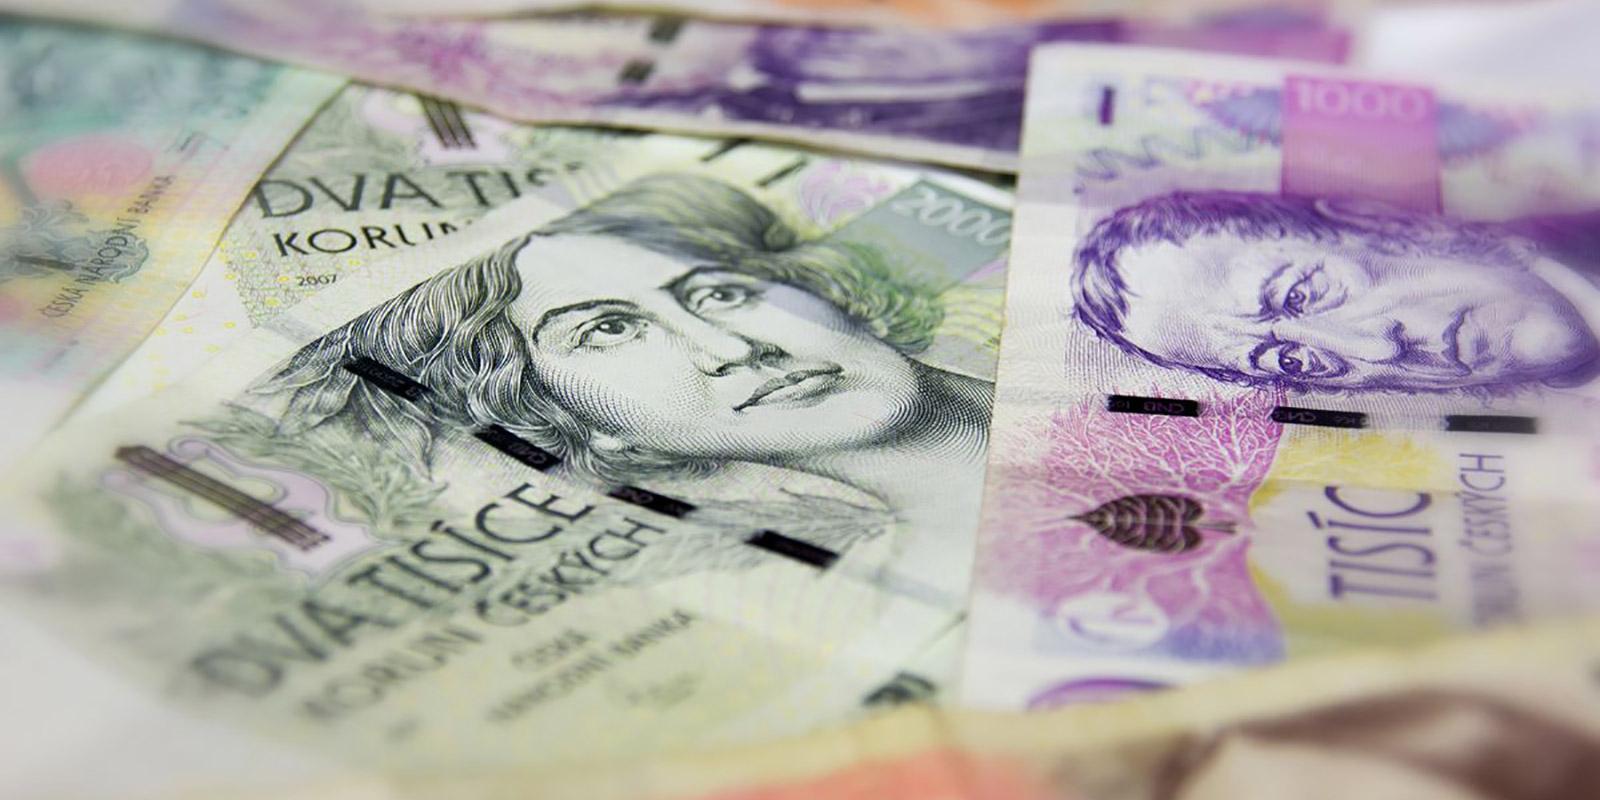 Konsolidace půjček vám může ušetřit tisíce měsíčně, ale nemusí se vyplatit vždy